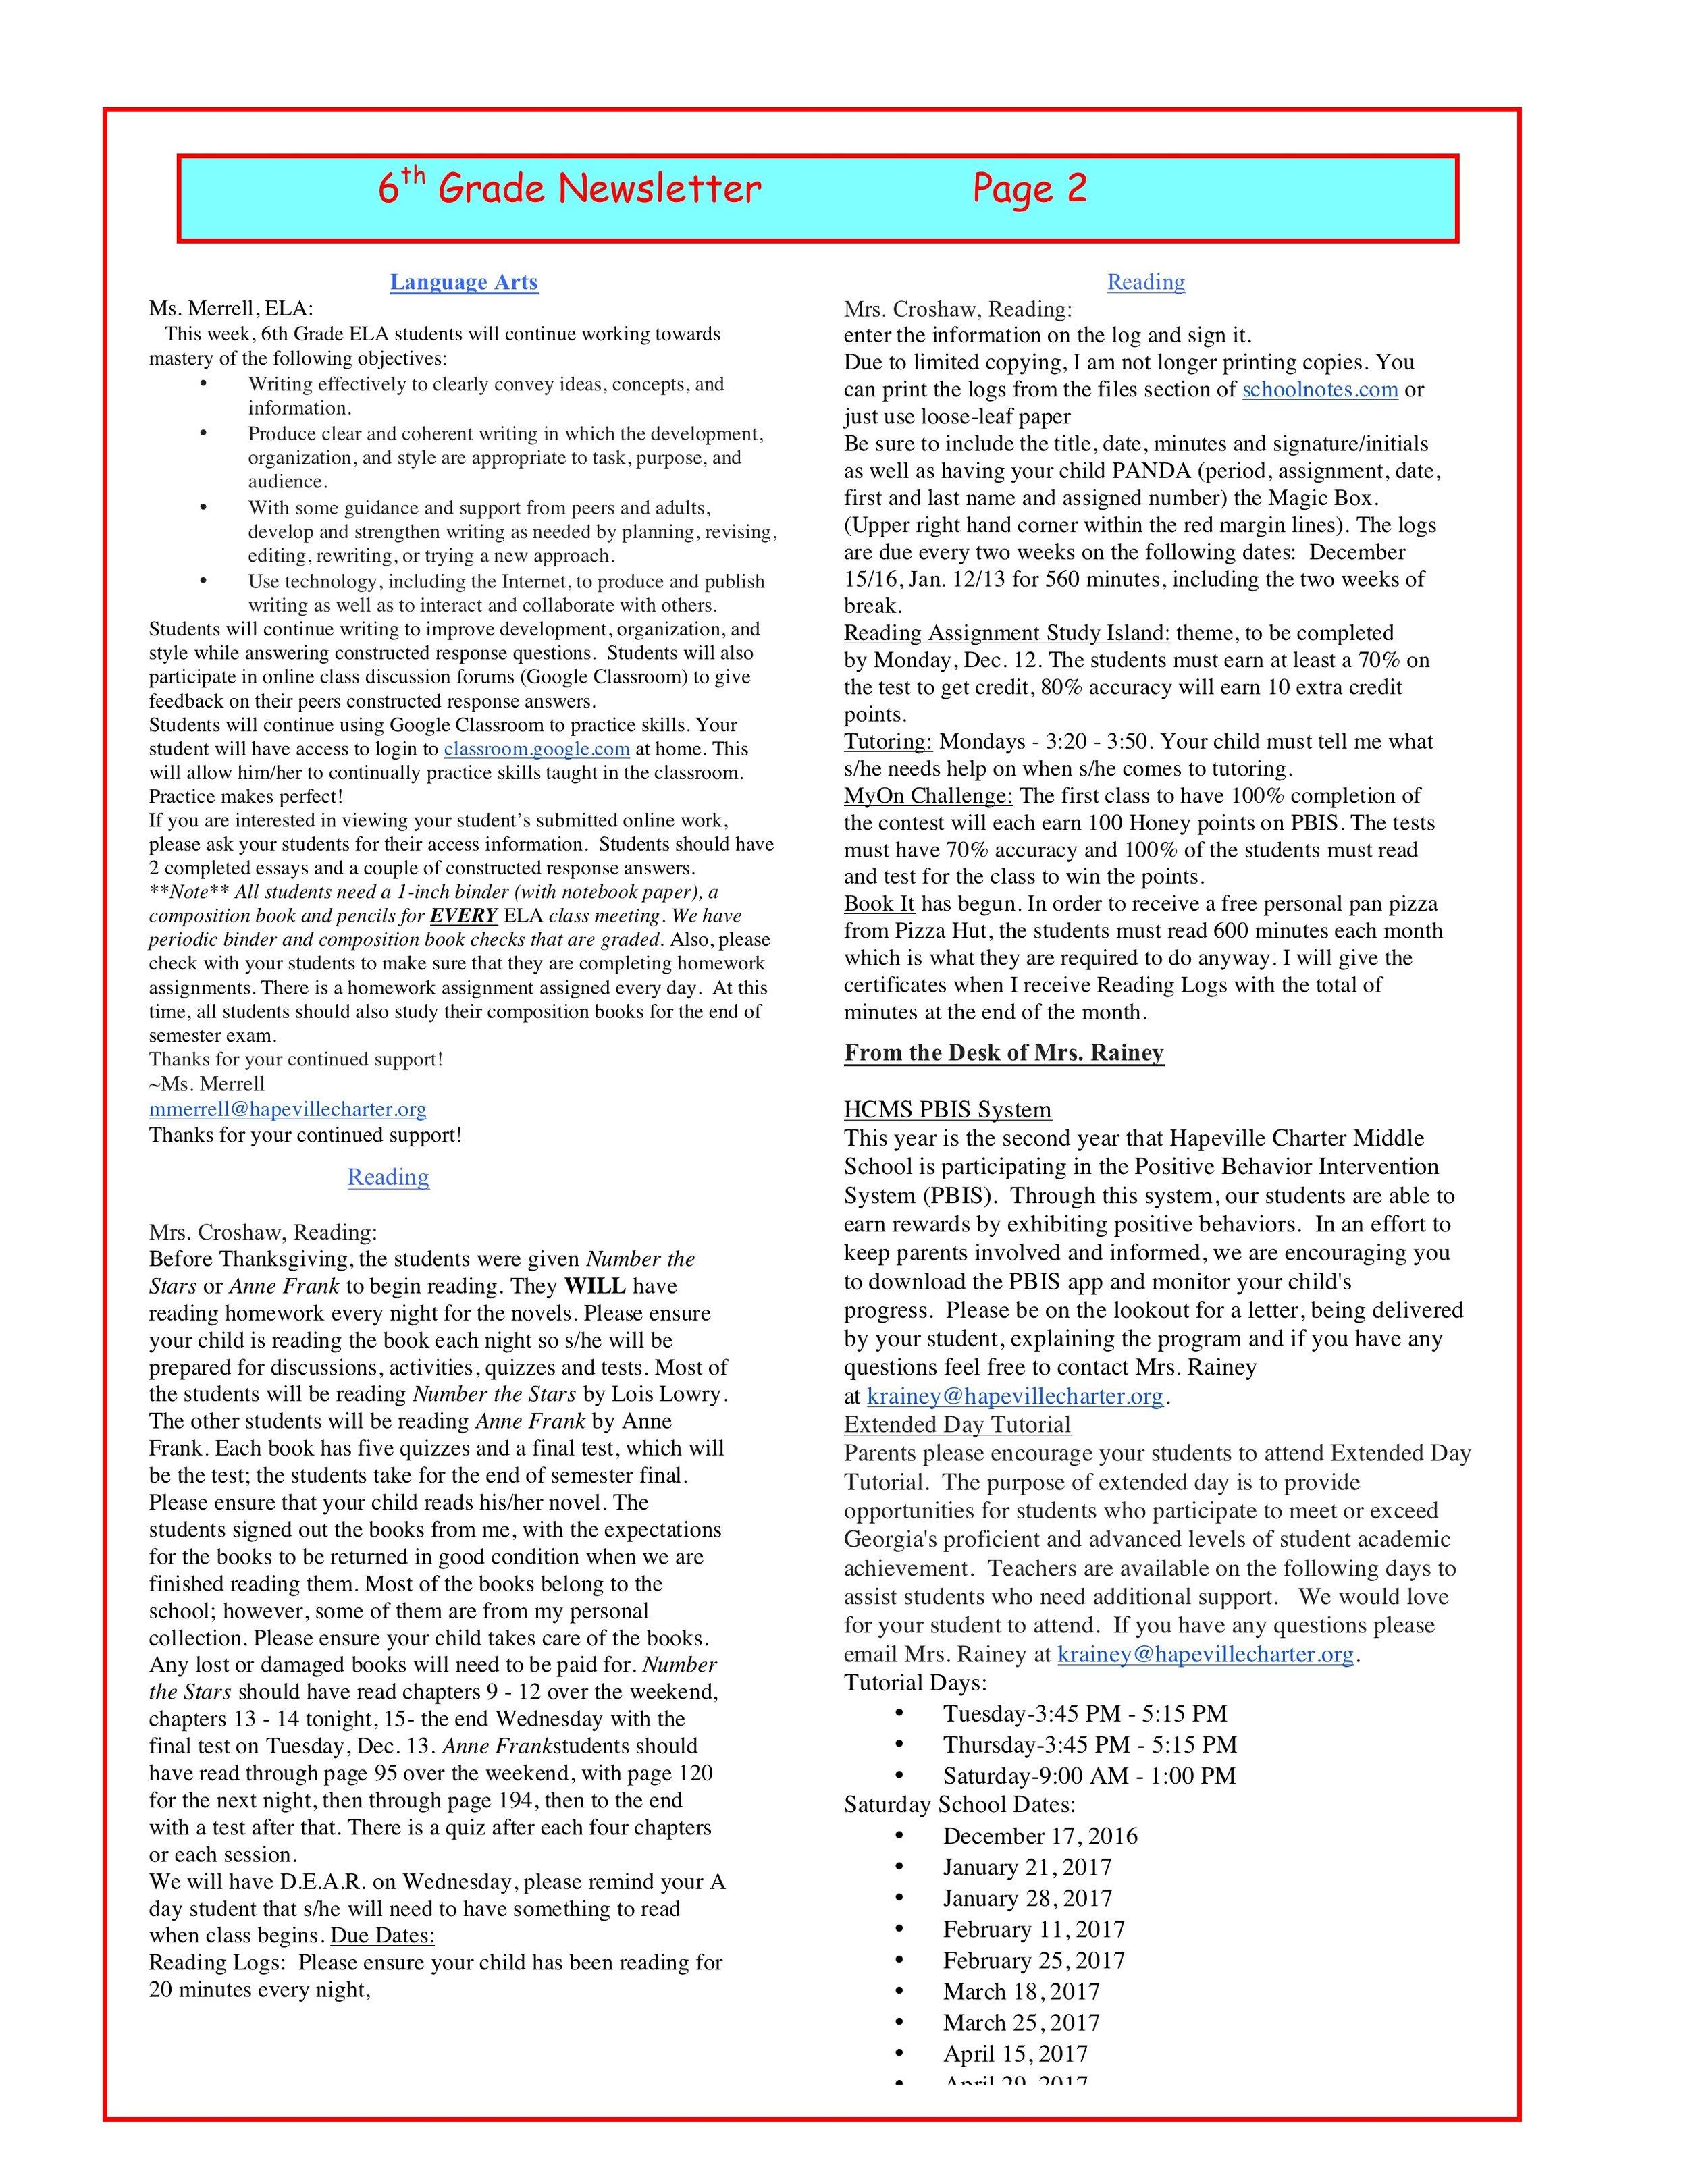 Newsletter Image6th Grade Newsletter 12.5.2016 2.jpeg